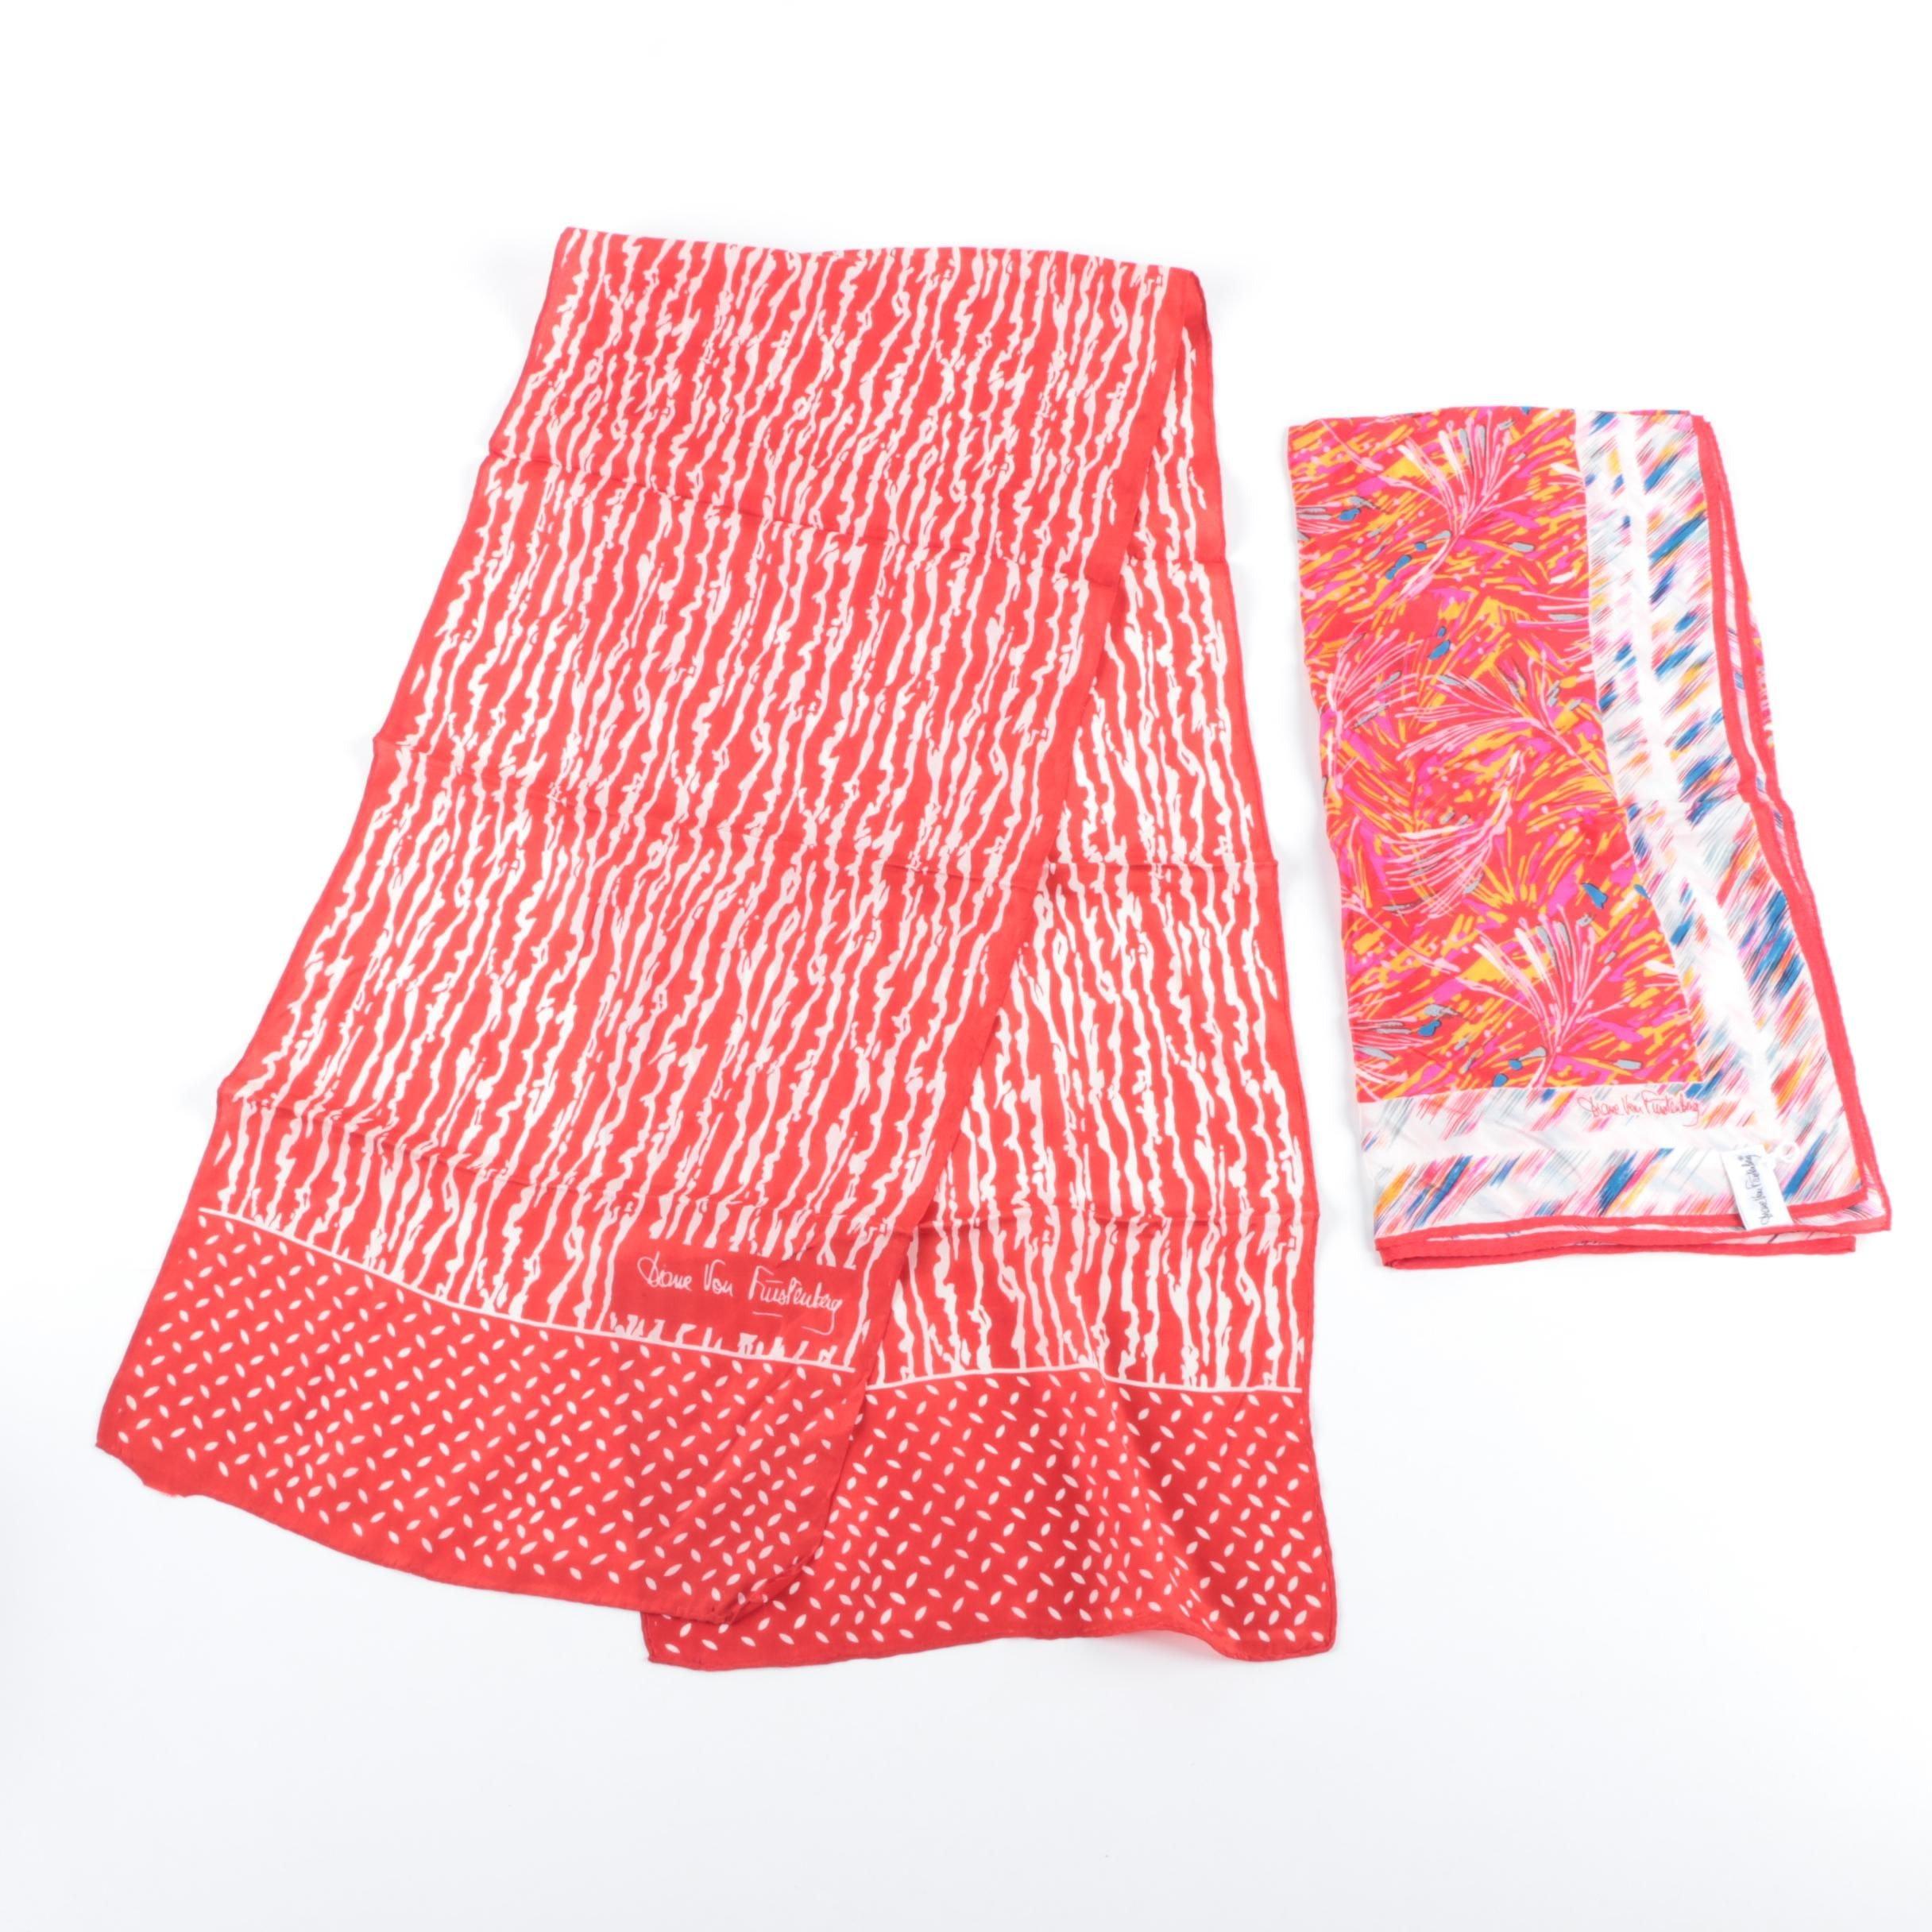 Two Diane Von Furstenberg Silk Scarves